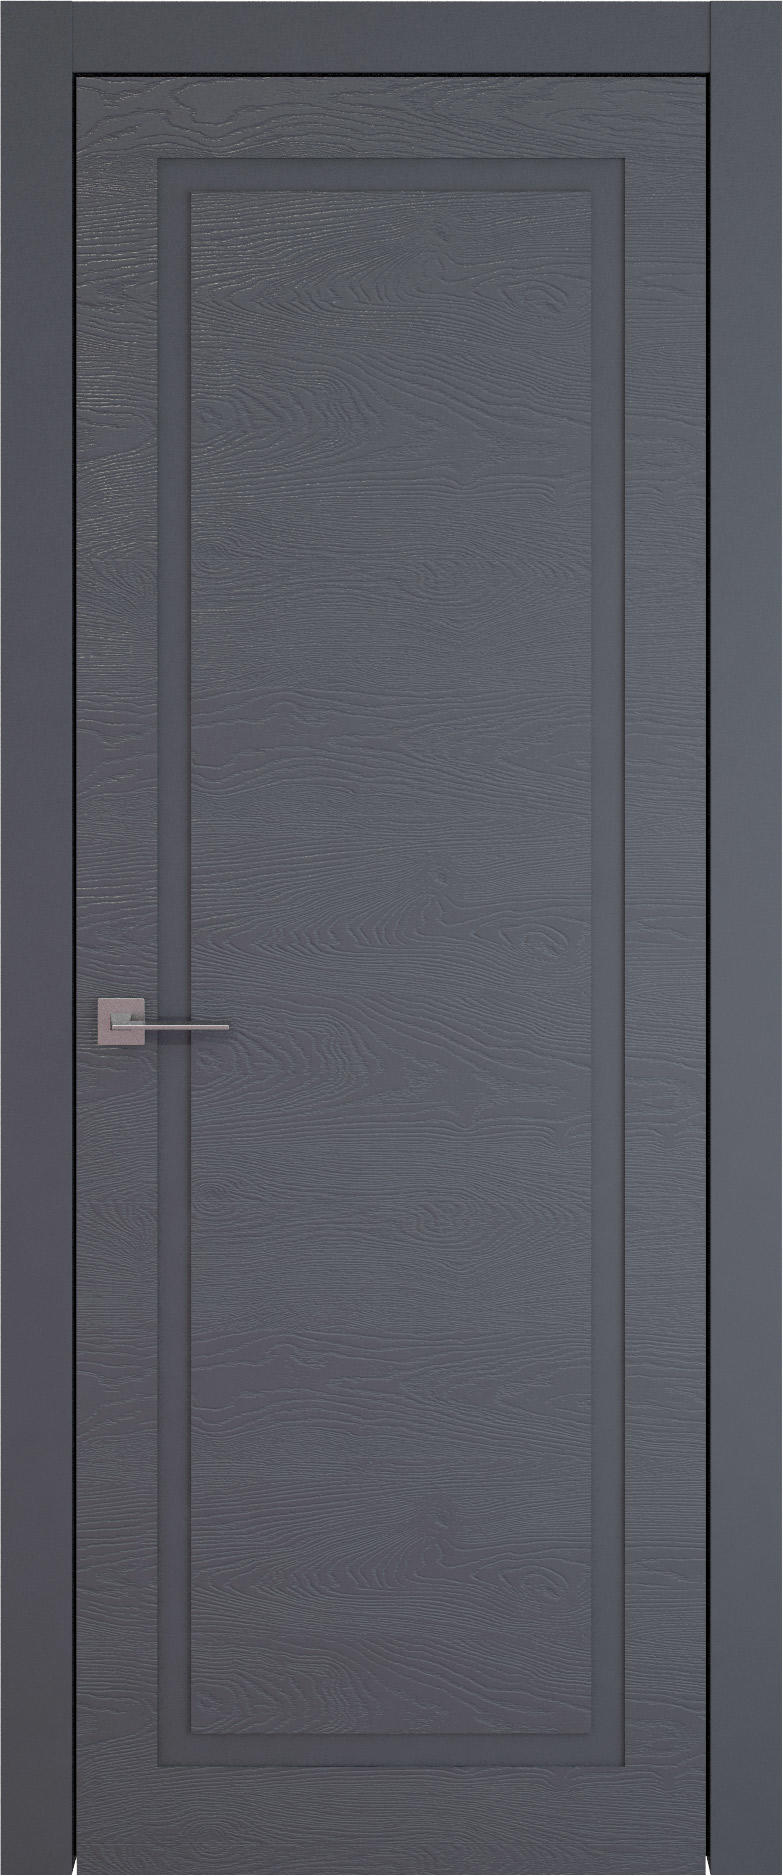 Tivoli Д-5 цвет - Графитово-серая эмаль по шпону (RAL 7024) Без стекла (ДГ)